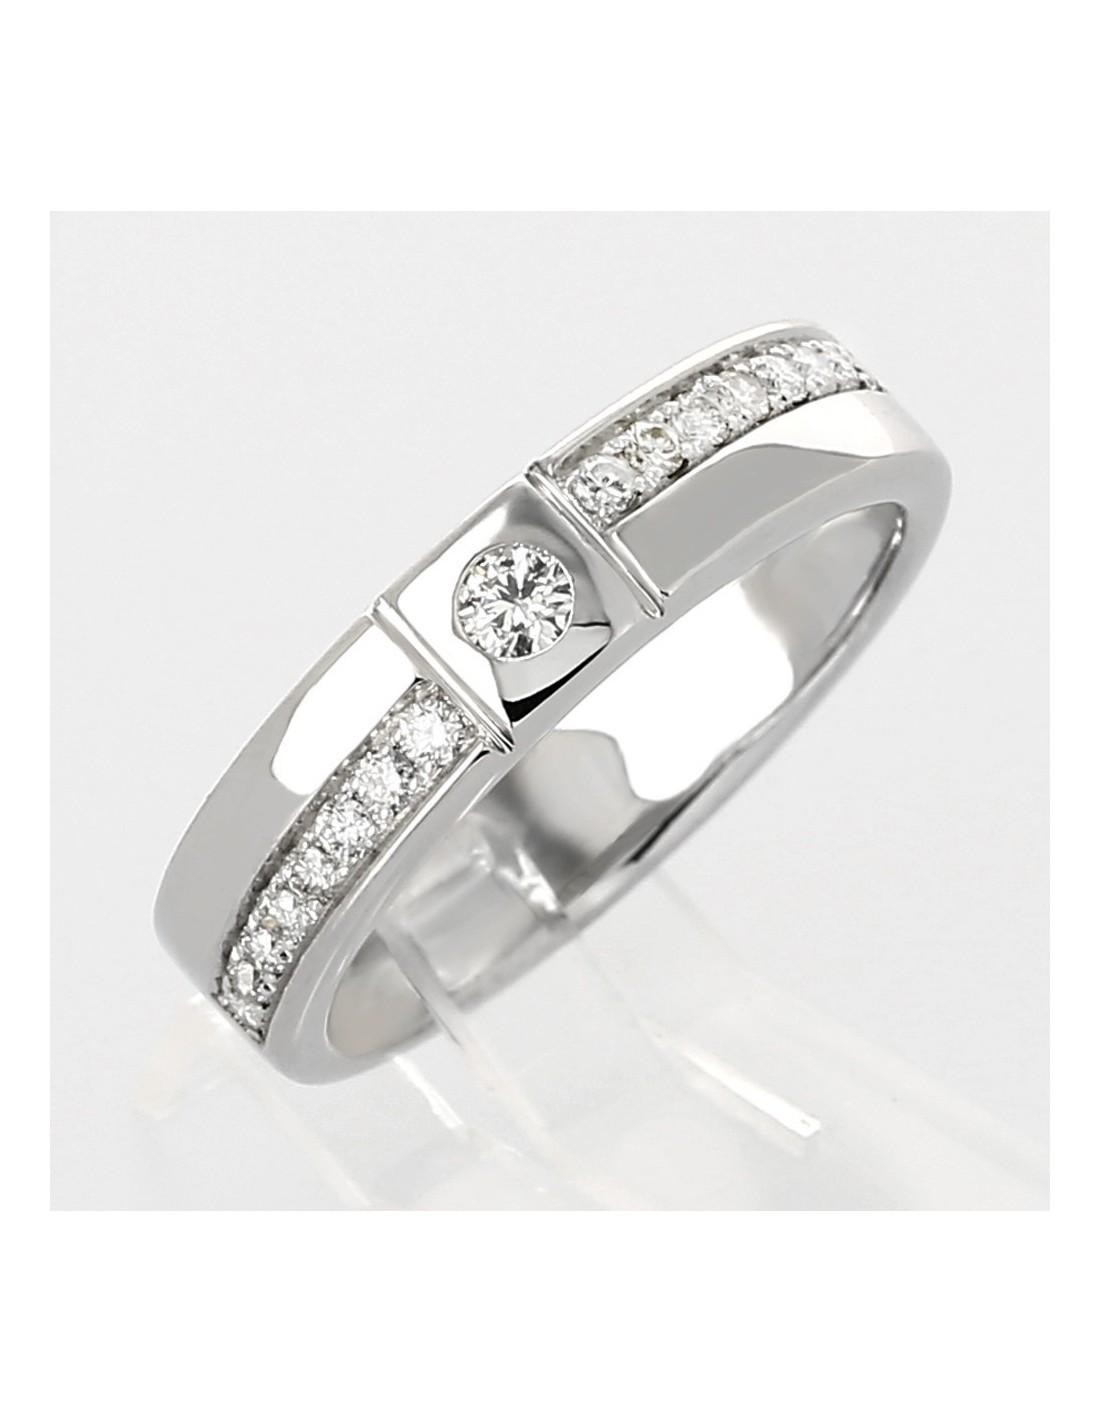 Favori Bague en or 18 carats style solitaire alliance moderne serti clos  KJ79